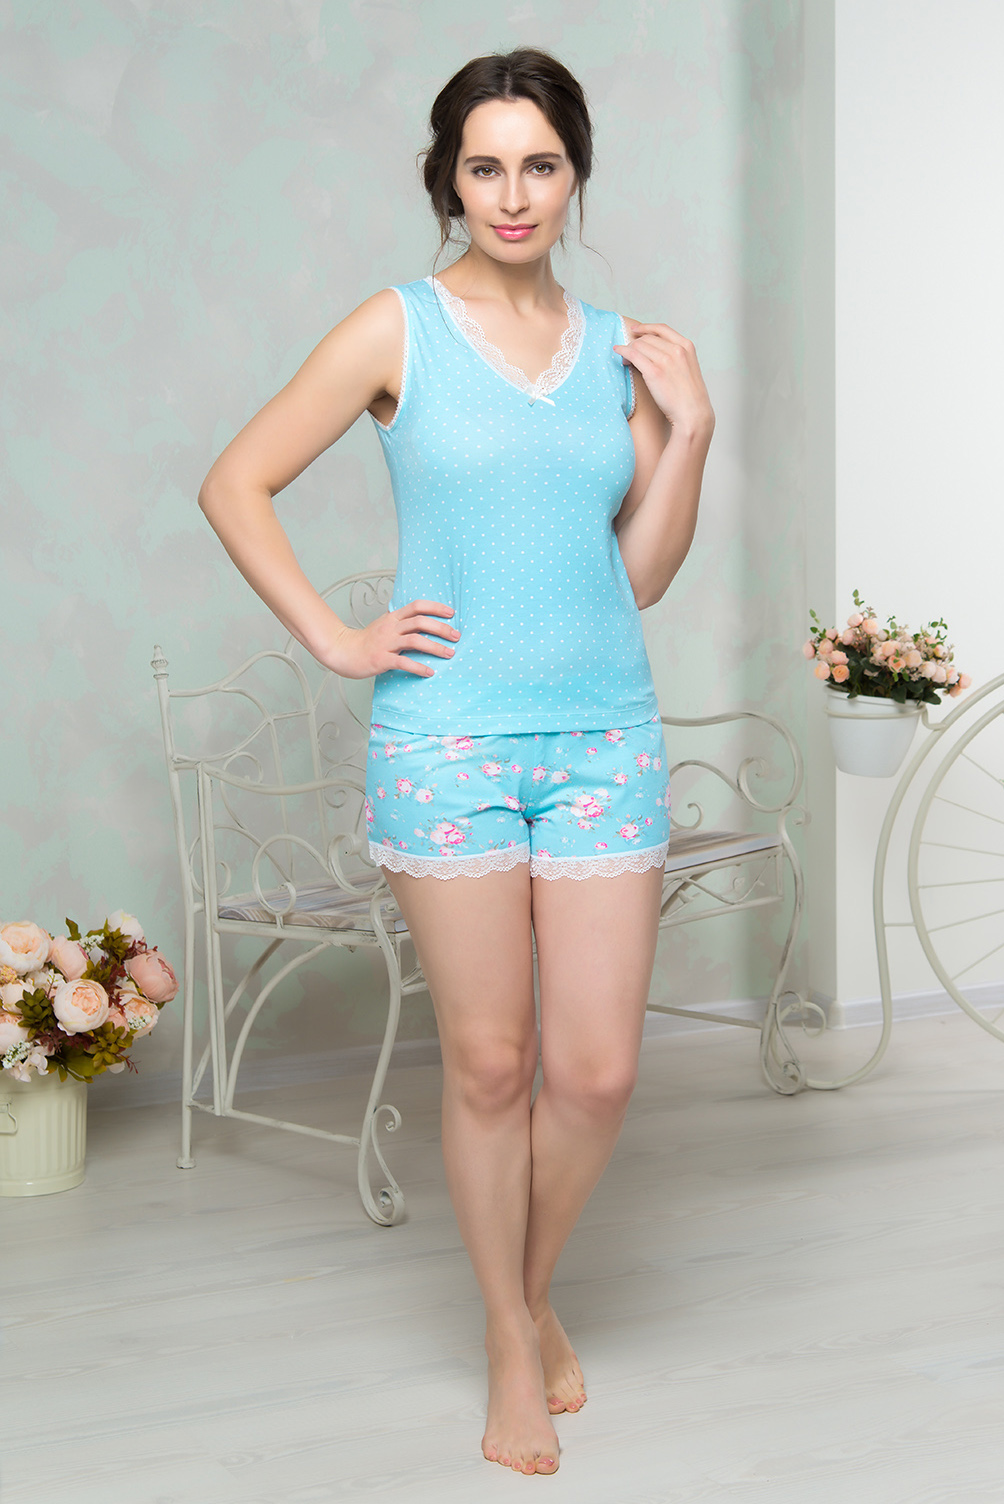 Комплект домашний женский Mia Cara: майка, шорты, цвет: голубой. AW16-MCUZ-878. Размер 42/44AW16-MCUZ-878Комплект домашний одежды Mia Cara состоит из майки и шорт. Модель выполнена из высококачественного хлопка с добавлением эластана. Майка и низ шорт дополнены кружевом.